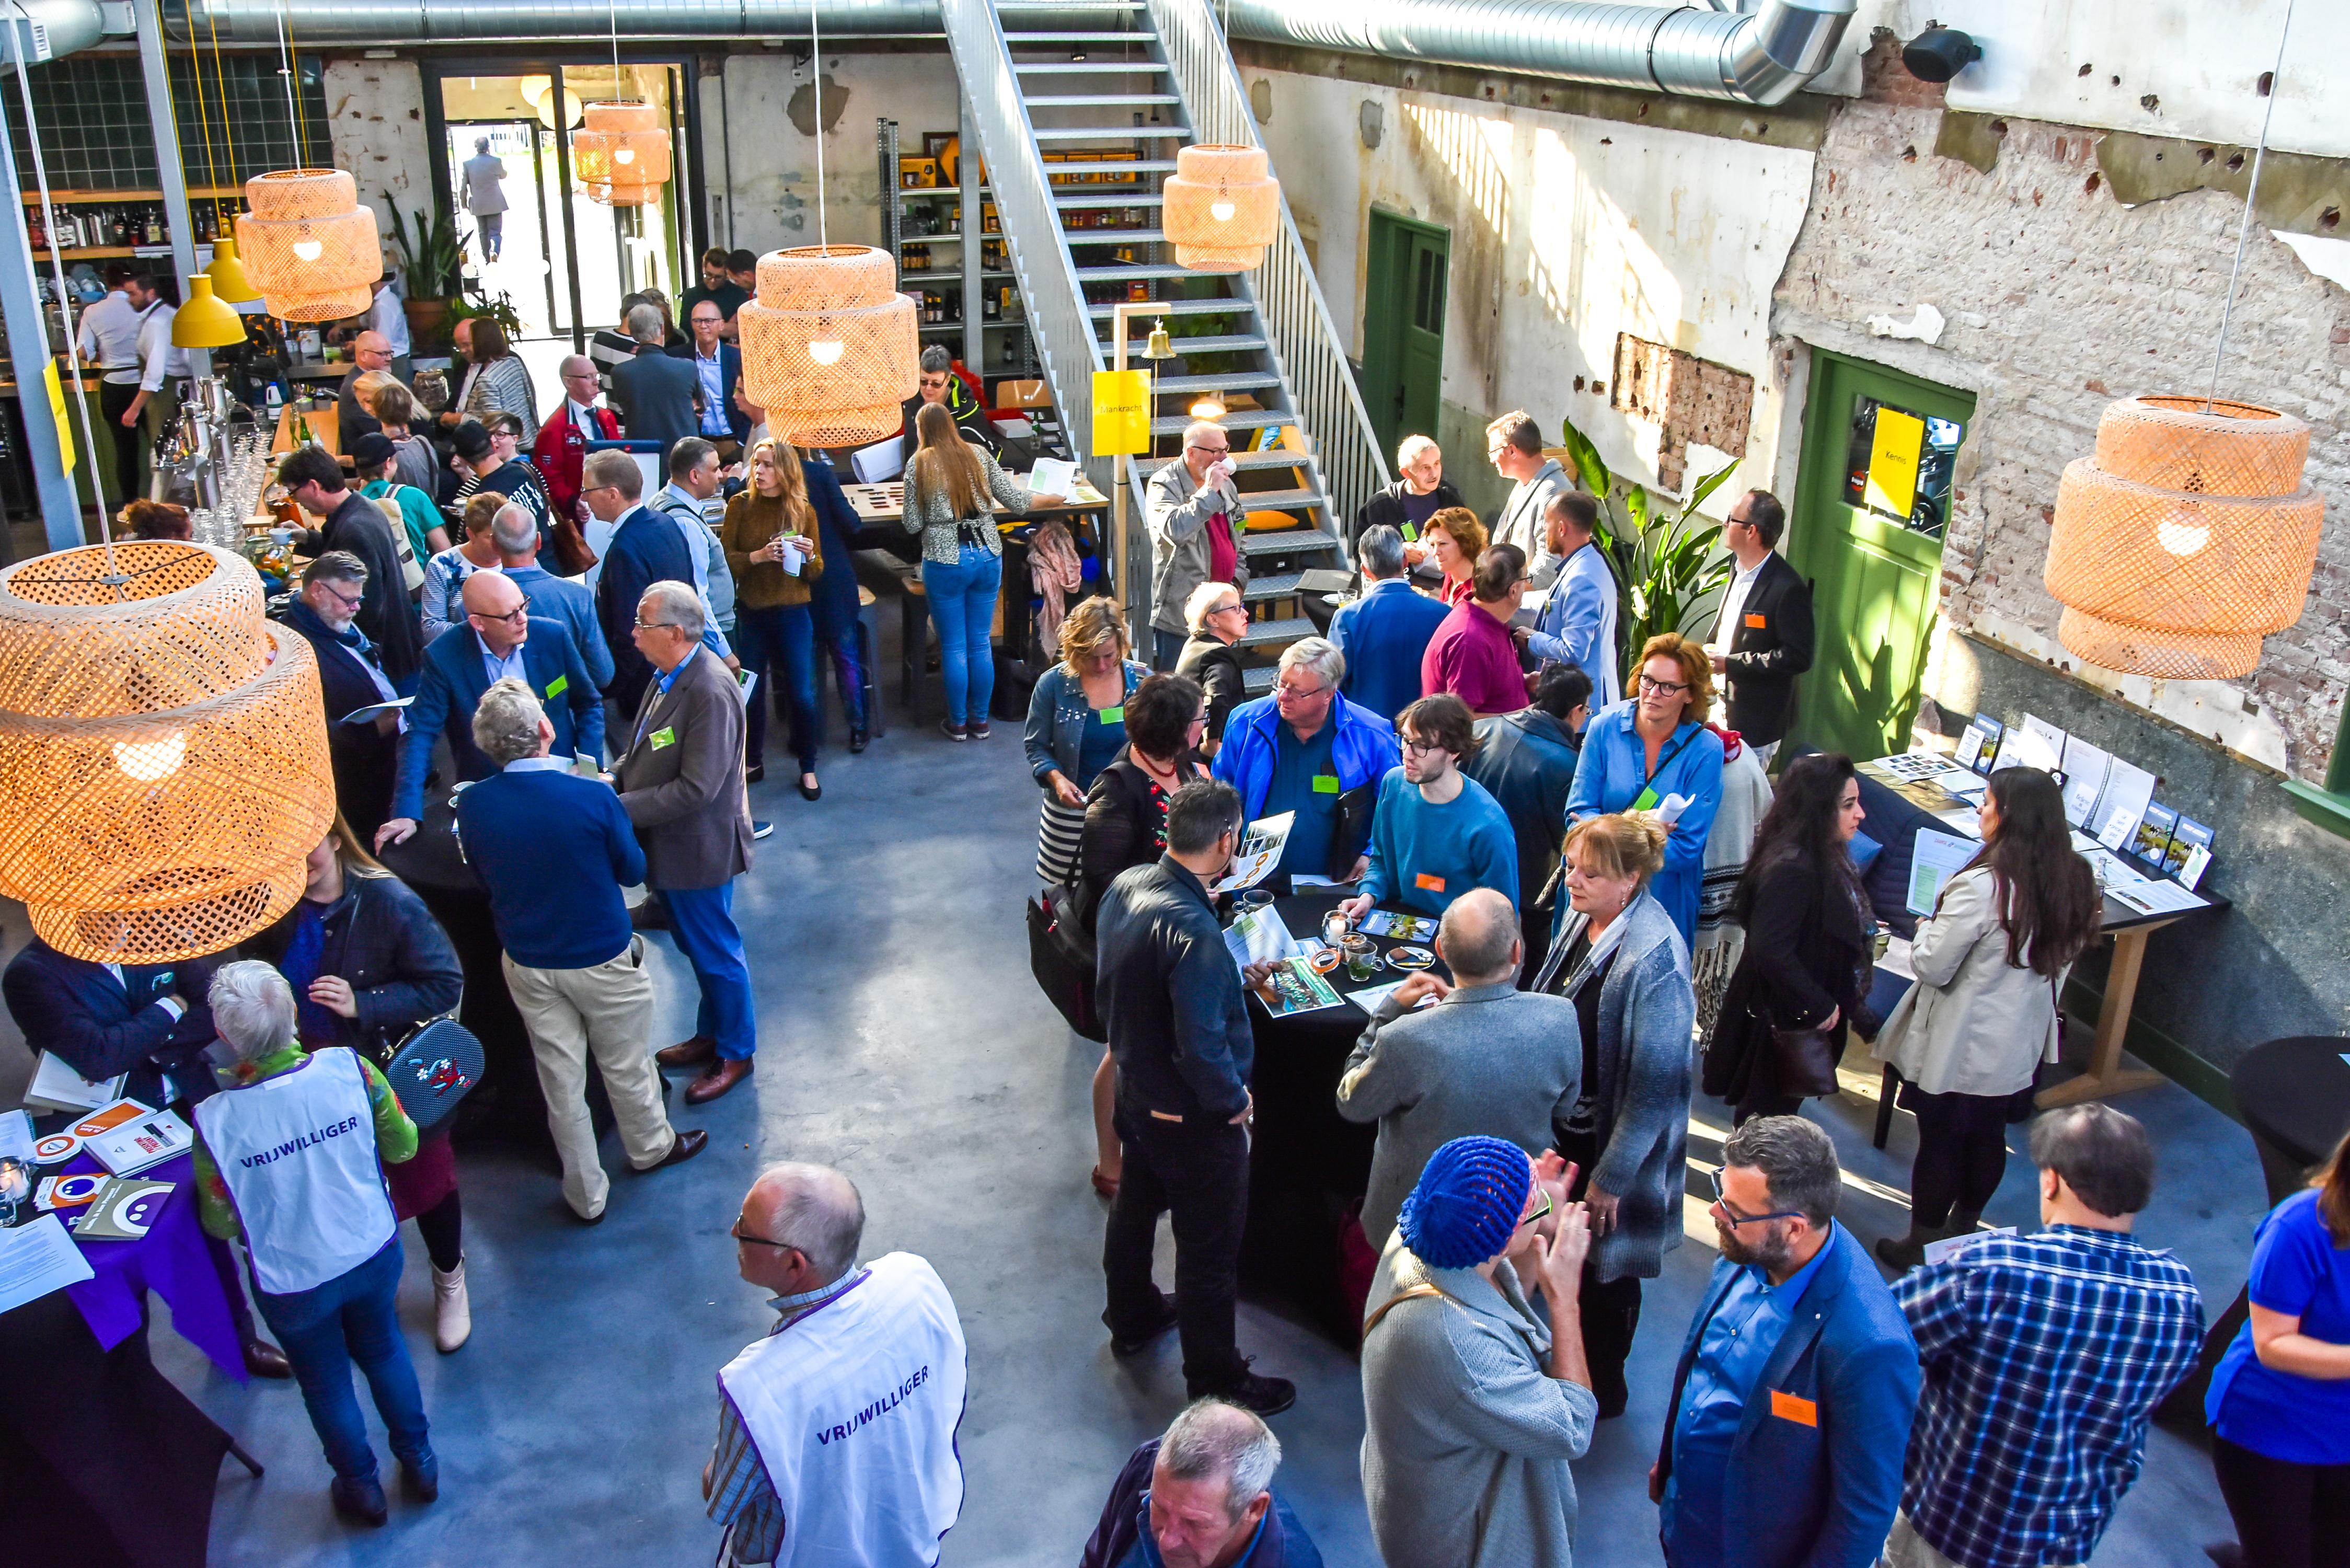 Vertegenwoordigers van bedrijven en maatschappelijke organisaties druk in gesprek om elkaar te helpen. (Foto: Fred Wolf) rodi.nl © rodi